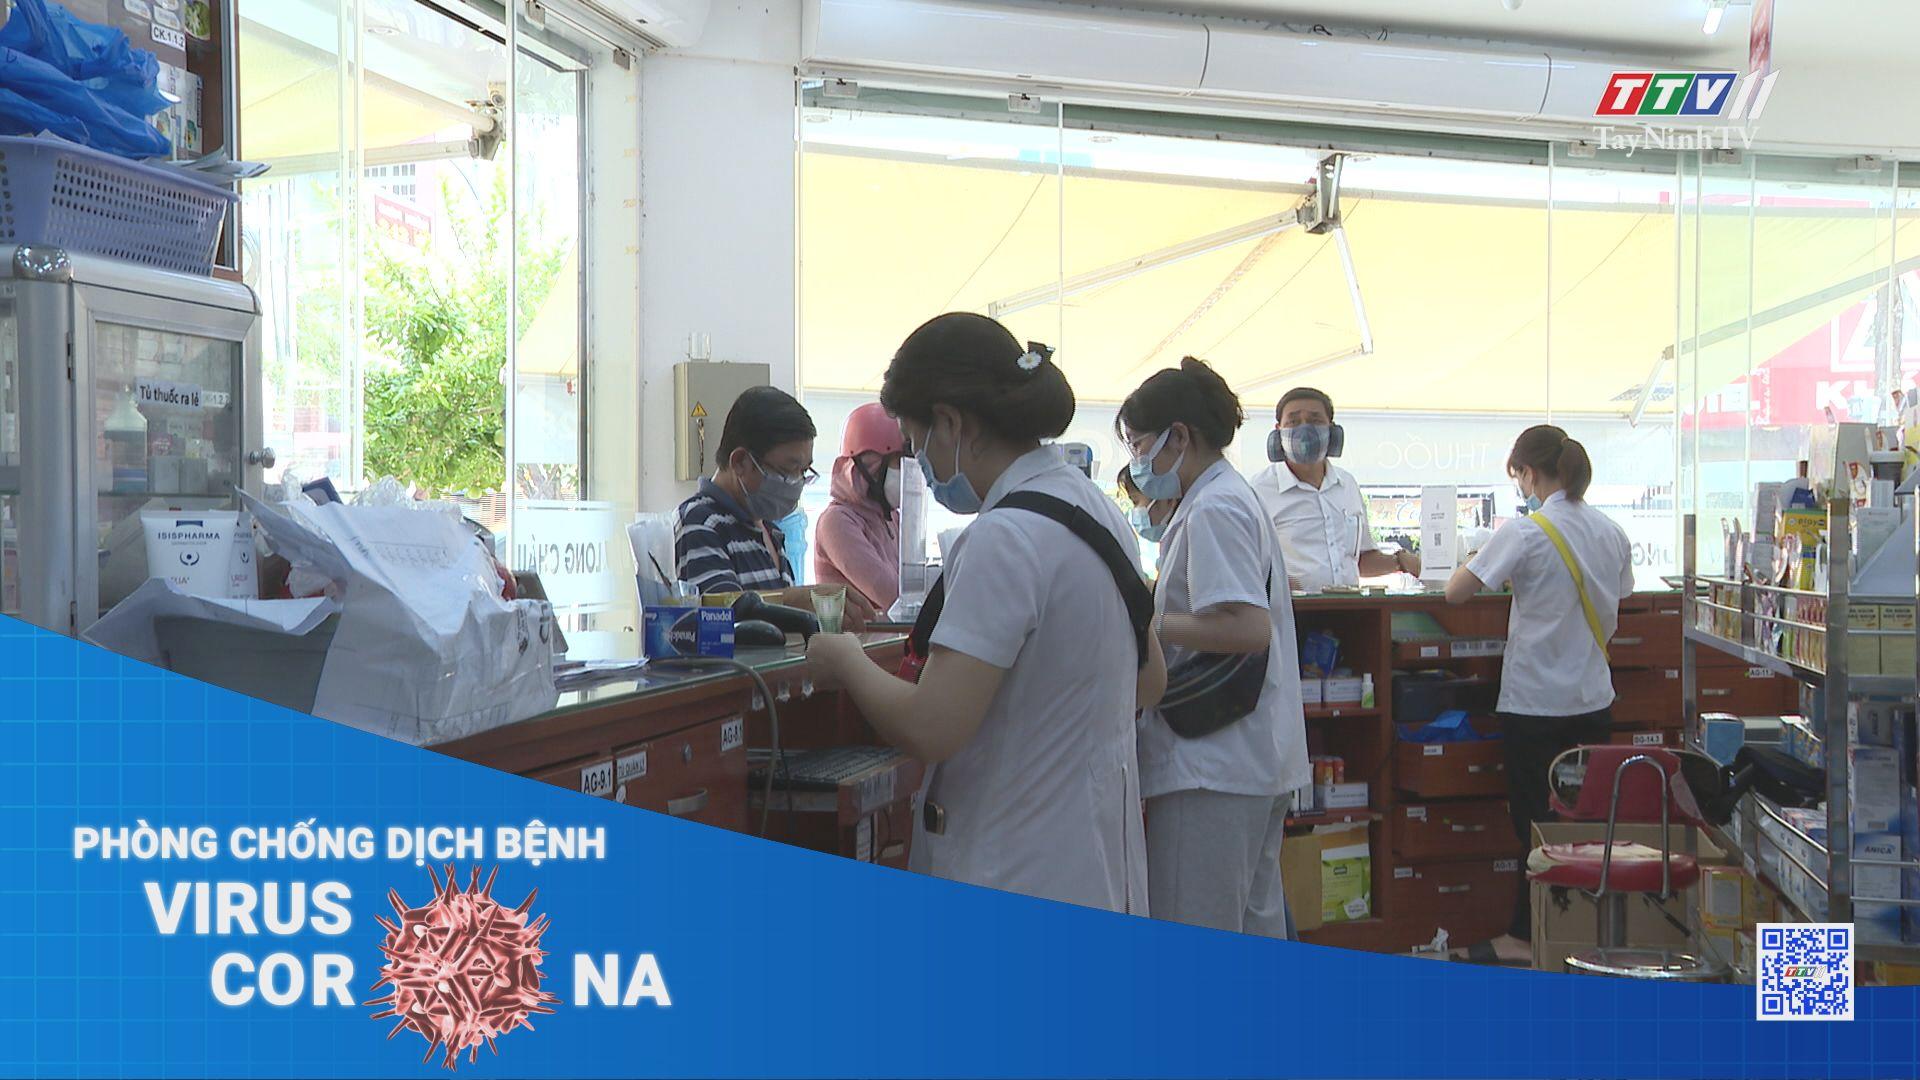 Tất cả người mua thuốc có triệu chứng hô hấp phải khai báo y tế | THÔNG TIN DỊCH CÚM COVID-19 | TayNinhTV